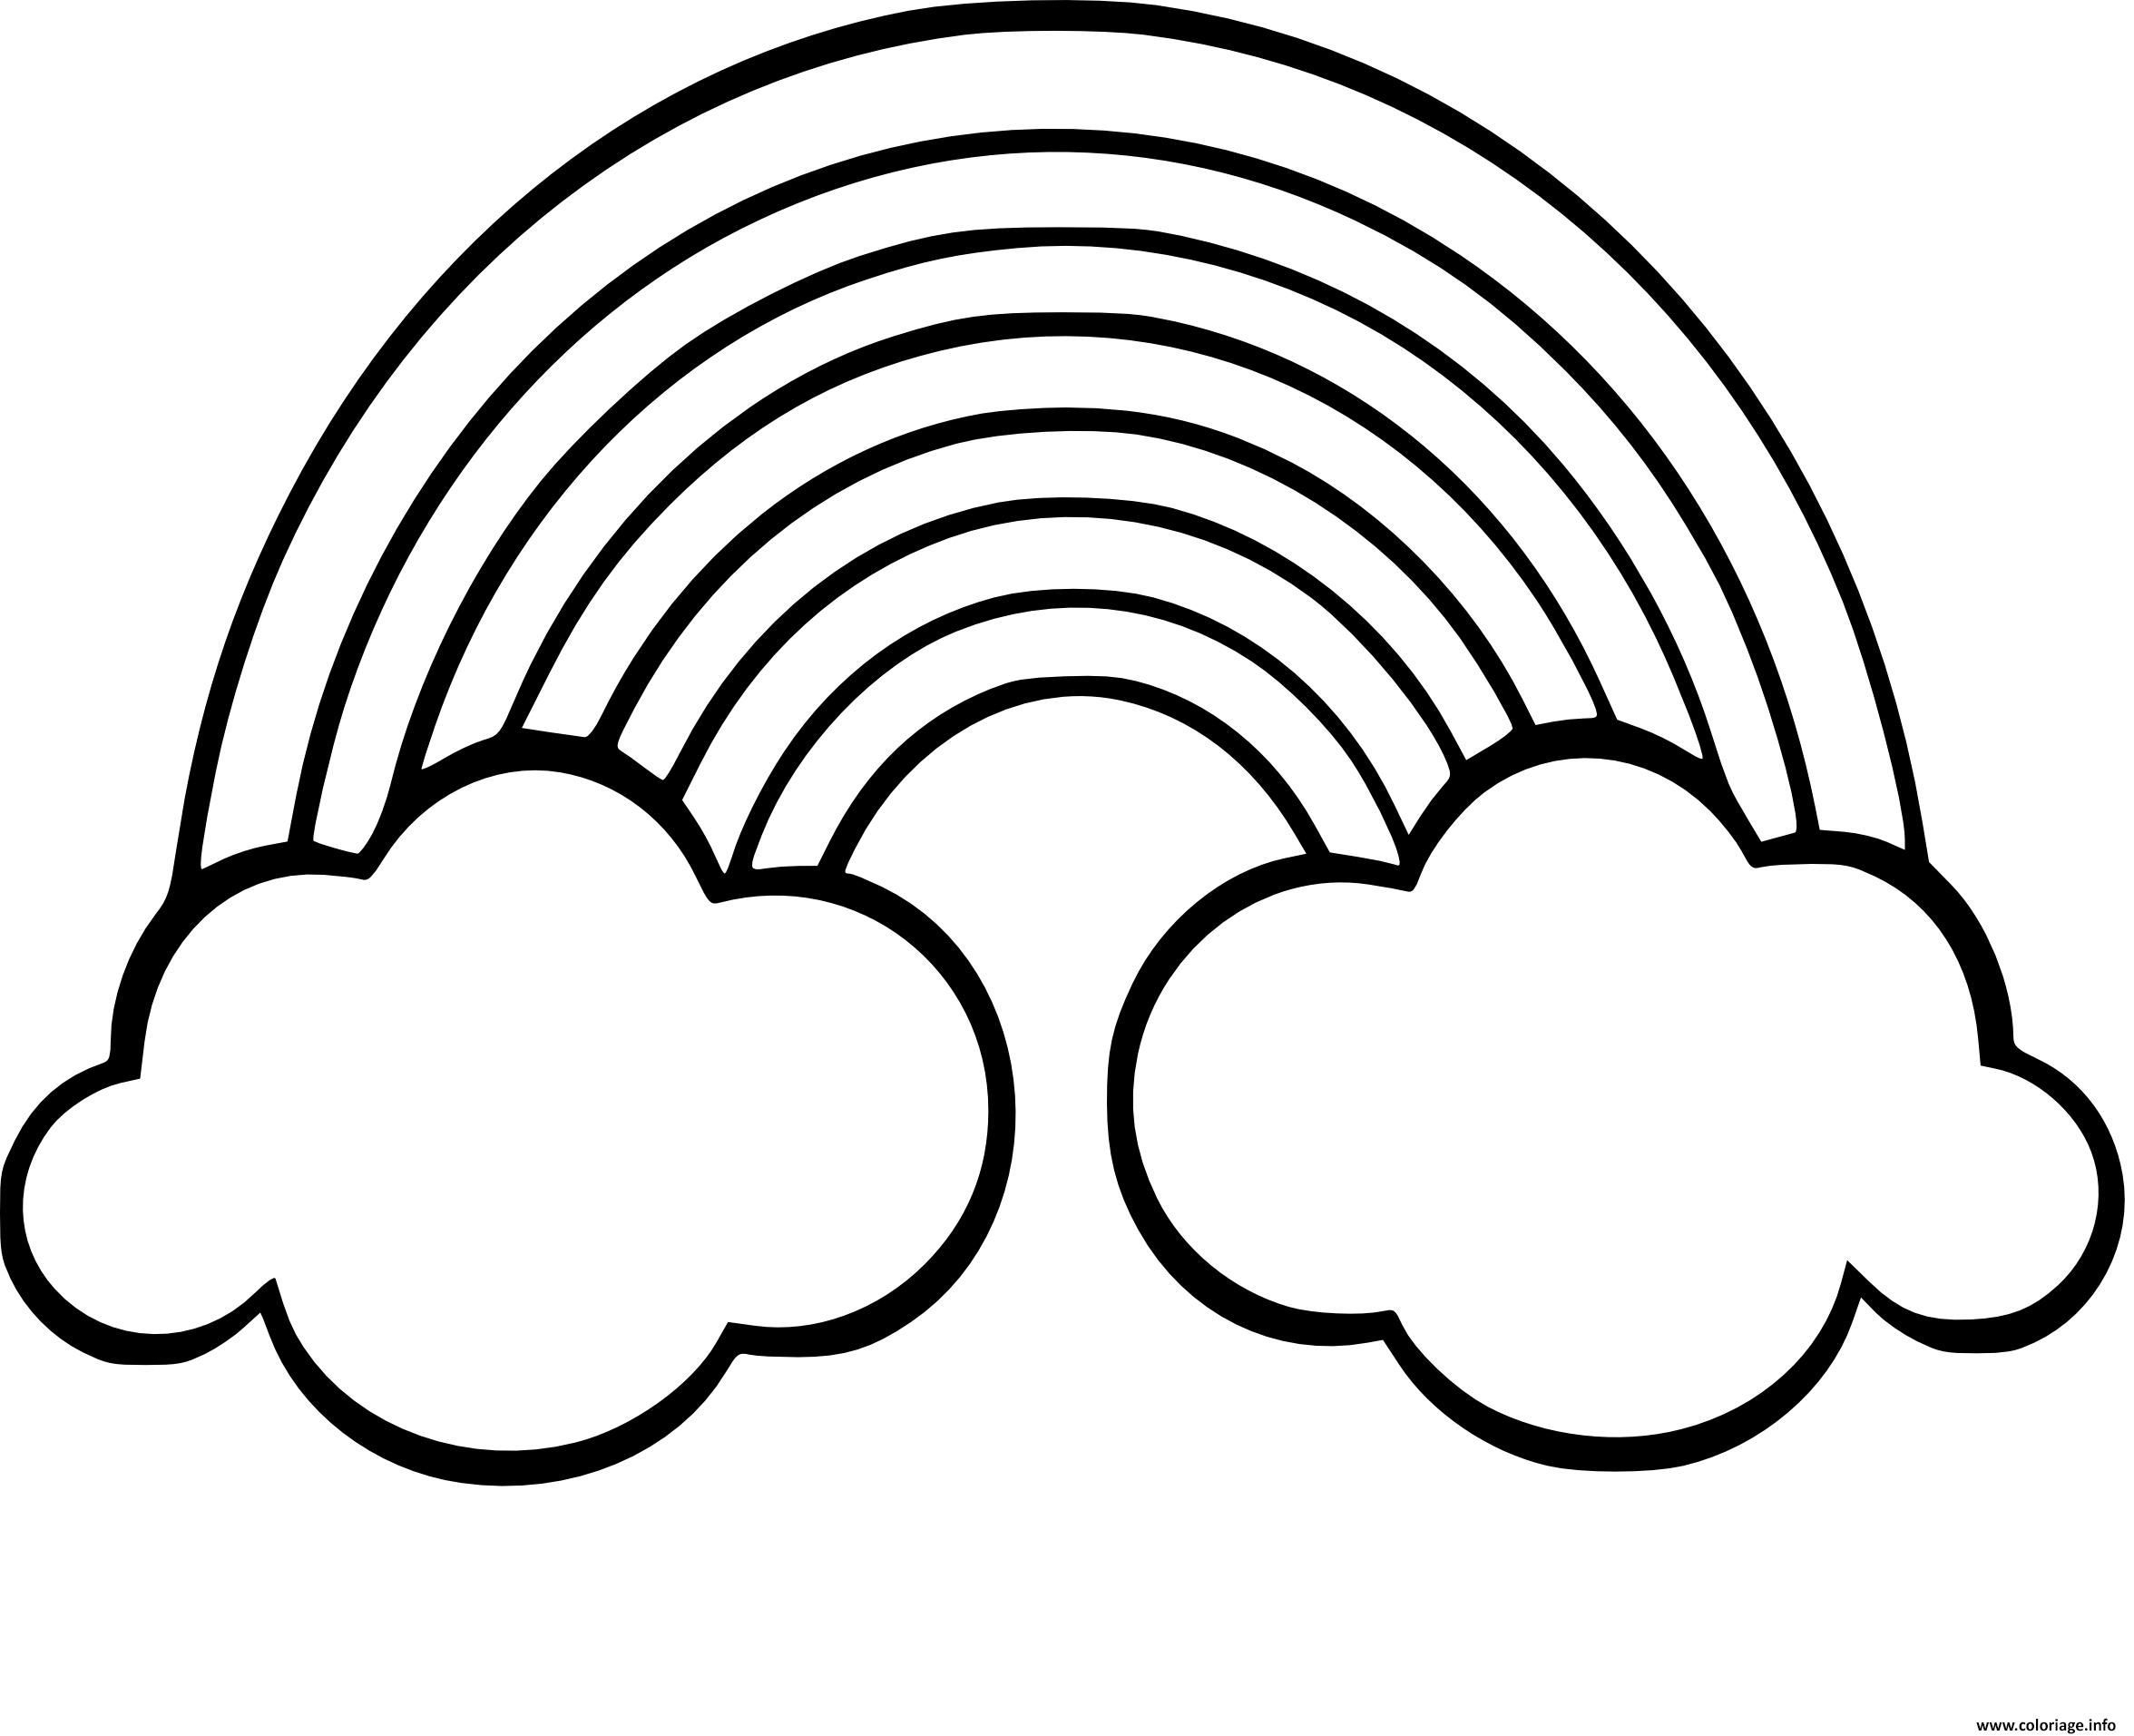 Regenbogen Mit Wolken Malvorlagen Zum Ausdrucken In 2020 innen Malvorlage Regenbogen